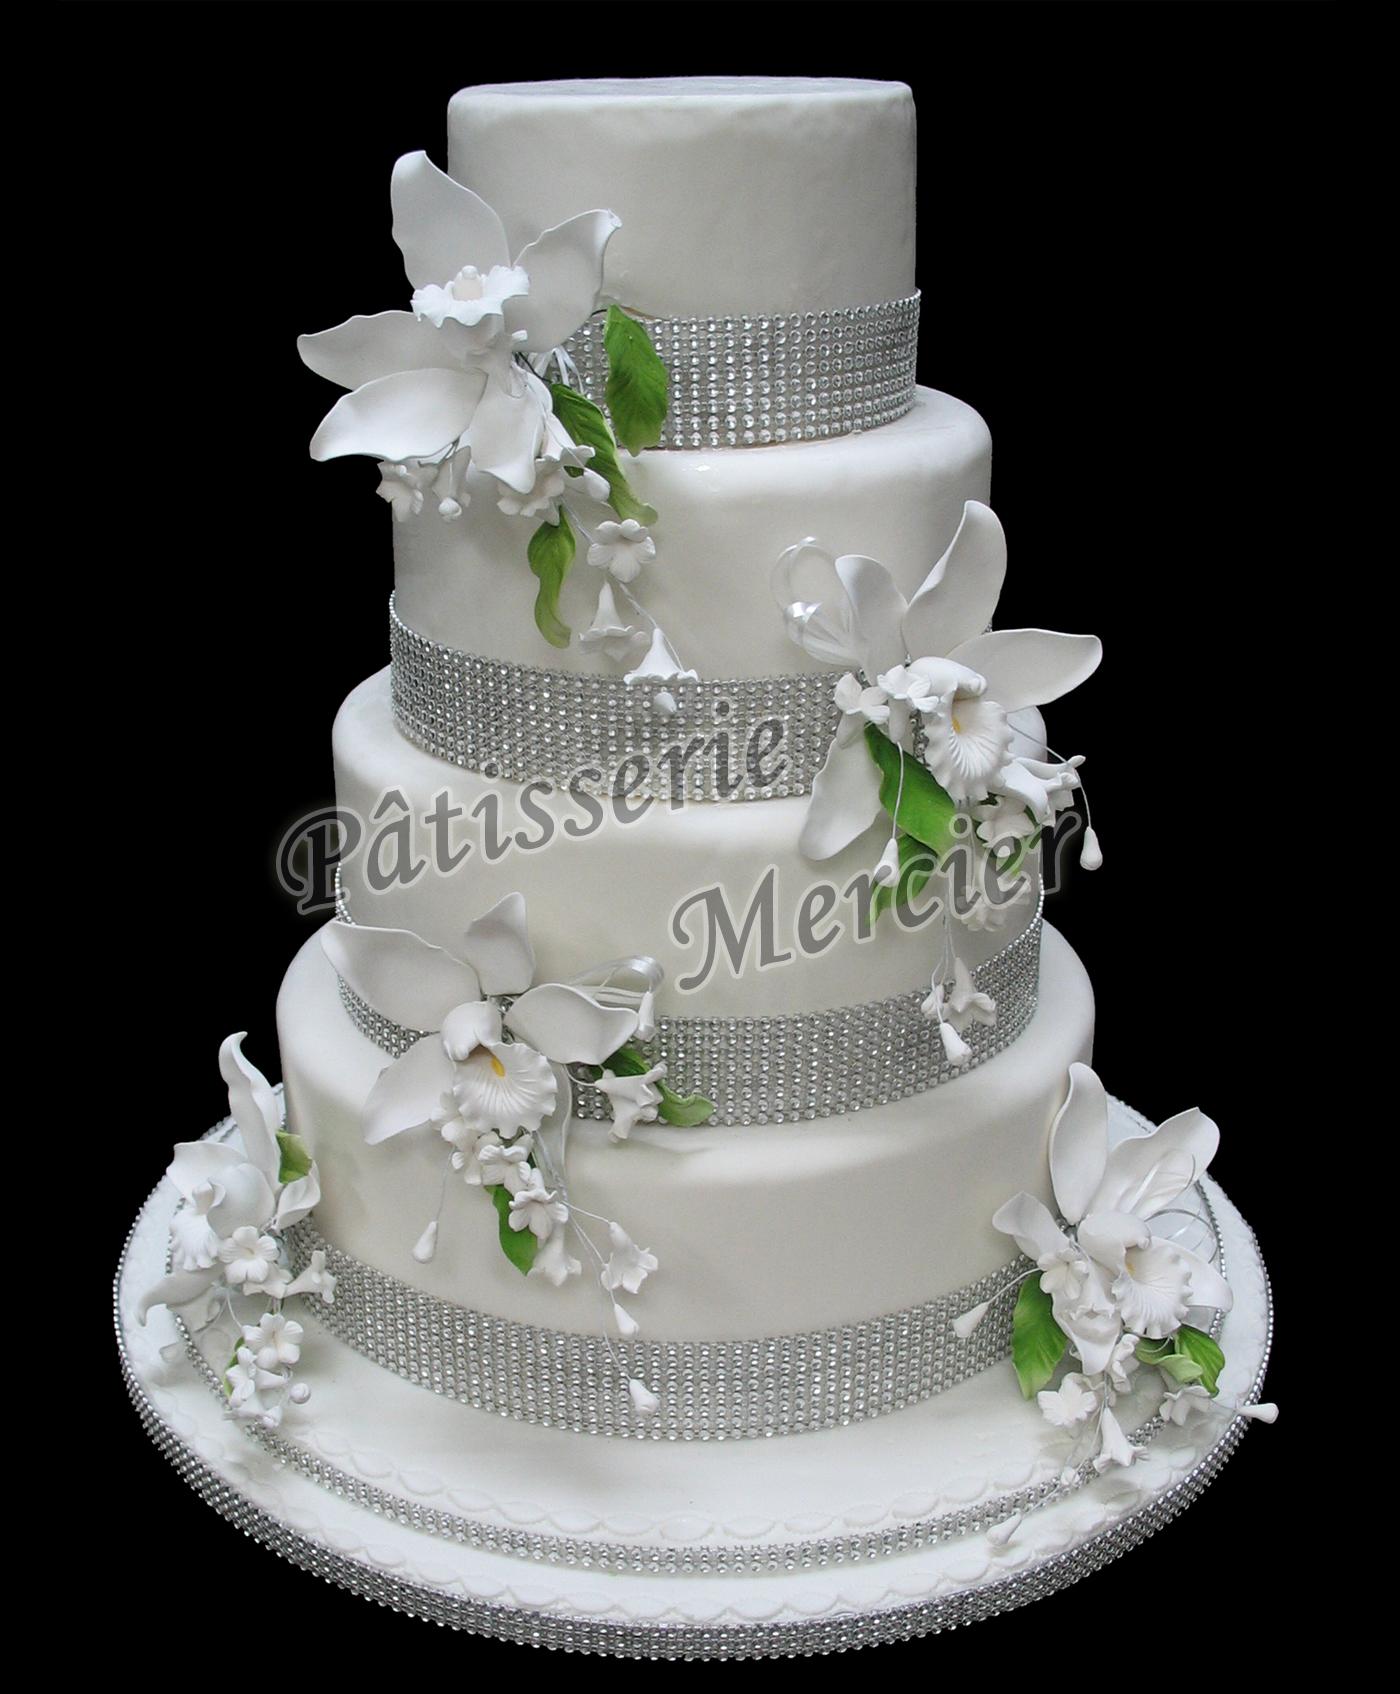 Patisserie Et Cake Design